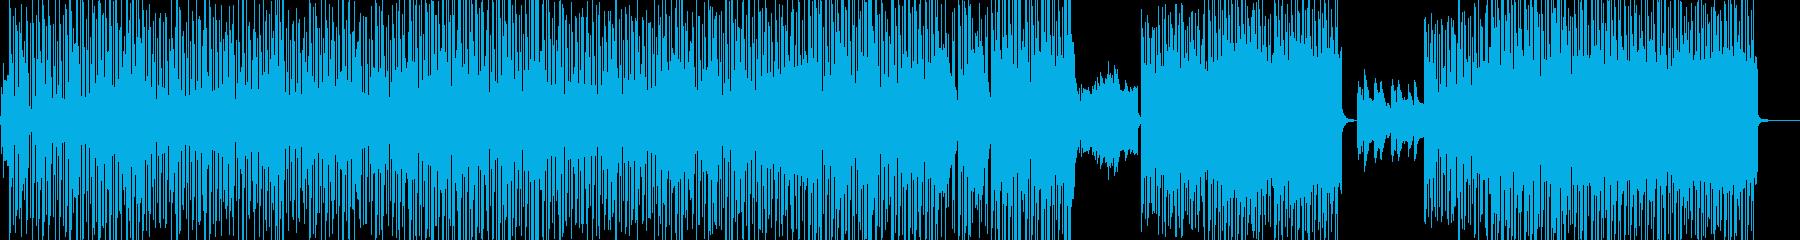 今は、セピア色に映る二人の絶頂期の再生済みの波形